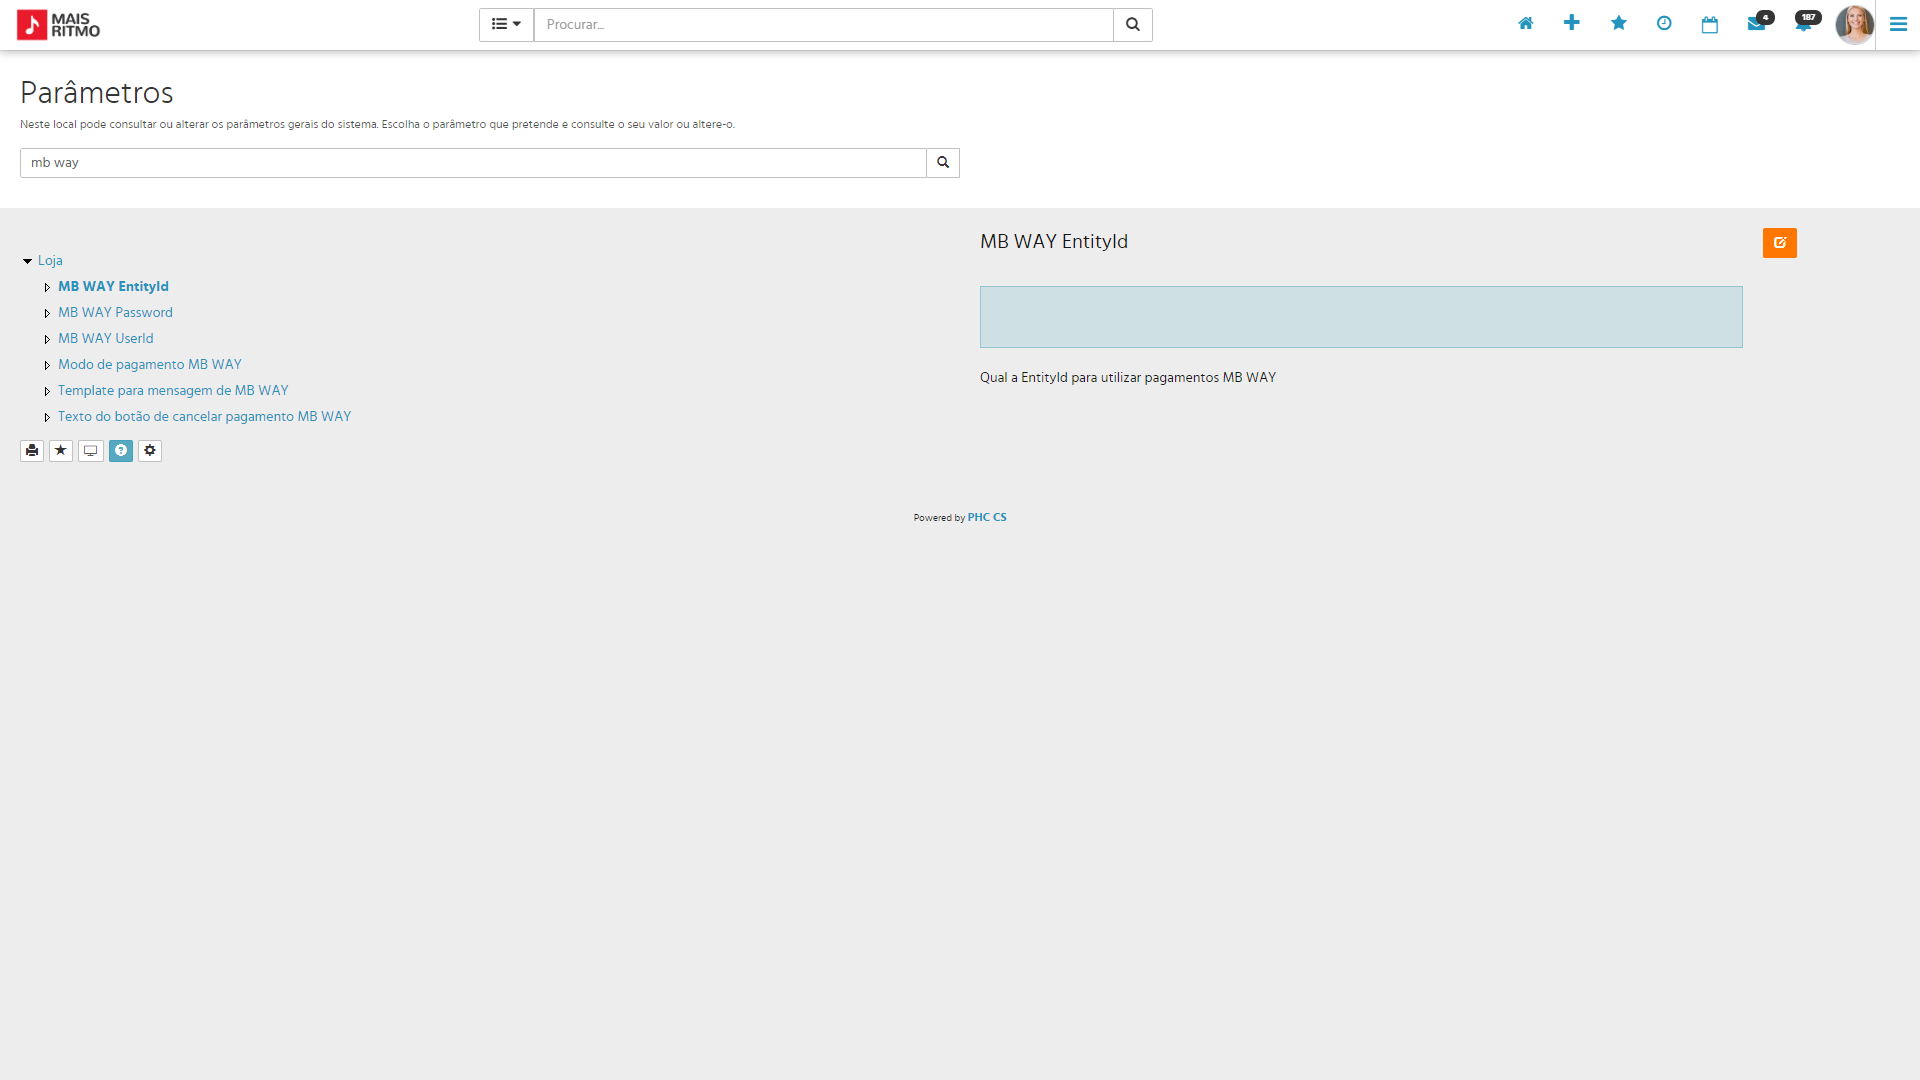 PHC CS Loja web idenficação nos parâmetros dados de acesso ao MB Way